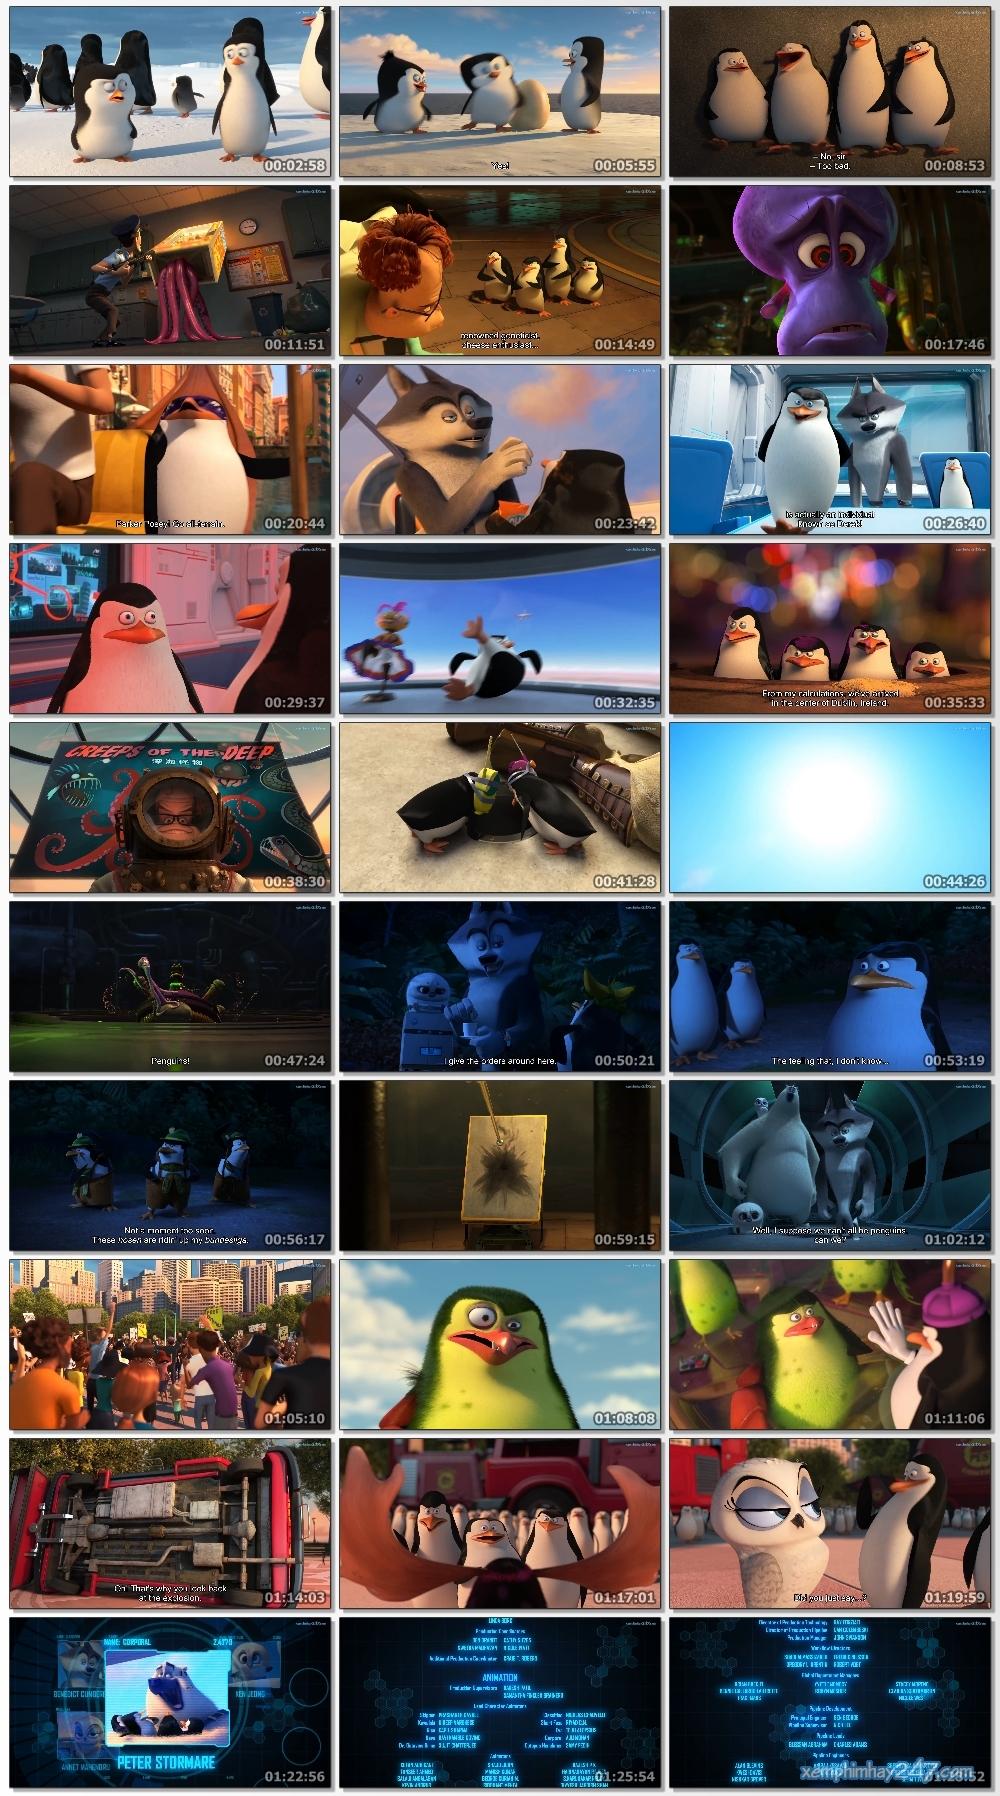 http://xemphimhay247.com - Xem phim hay 247 - Biệt Đội Chim Cánh Cụt Vùng Madagascar (2014) - The Penguins Of Madagascar (2014)